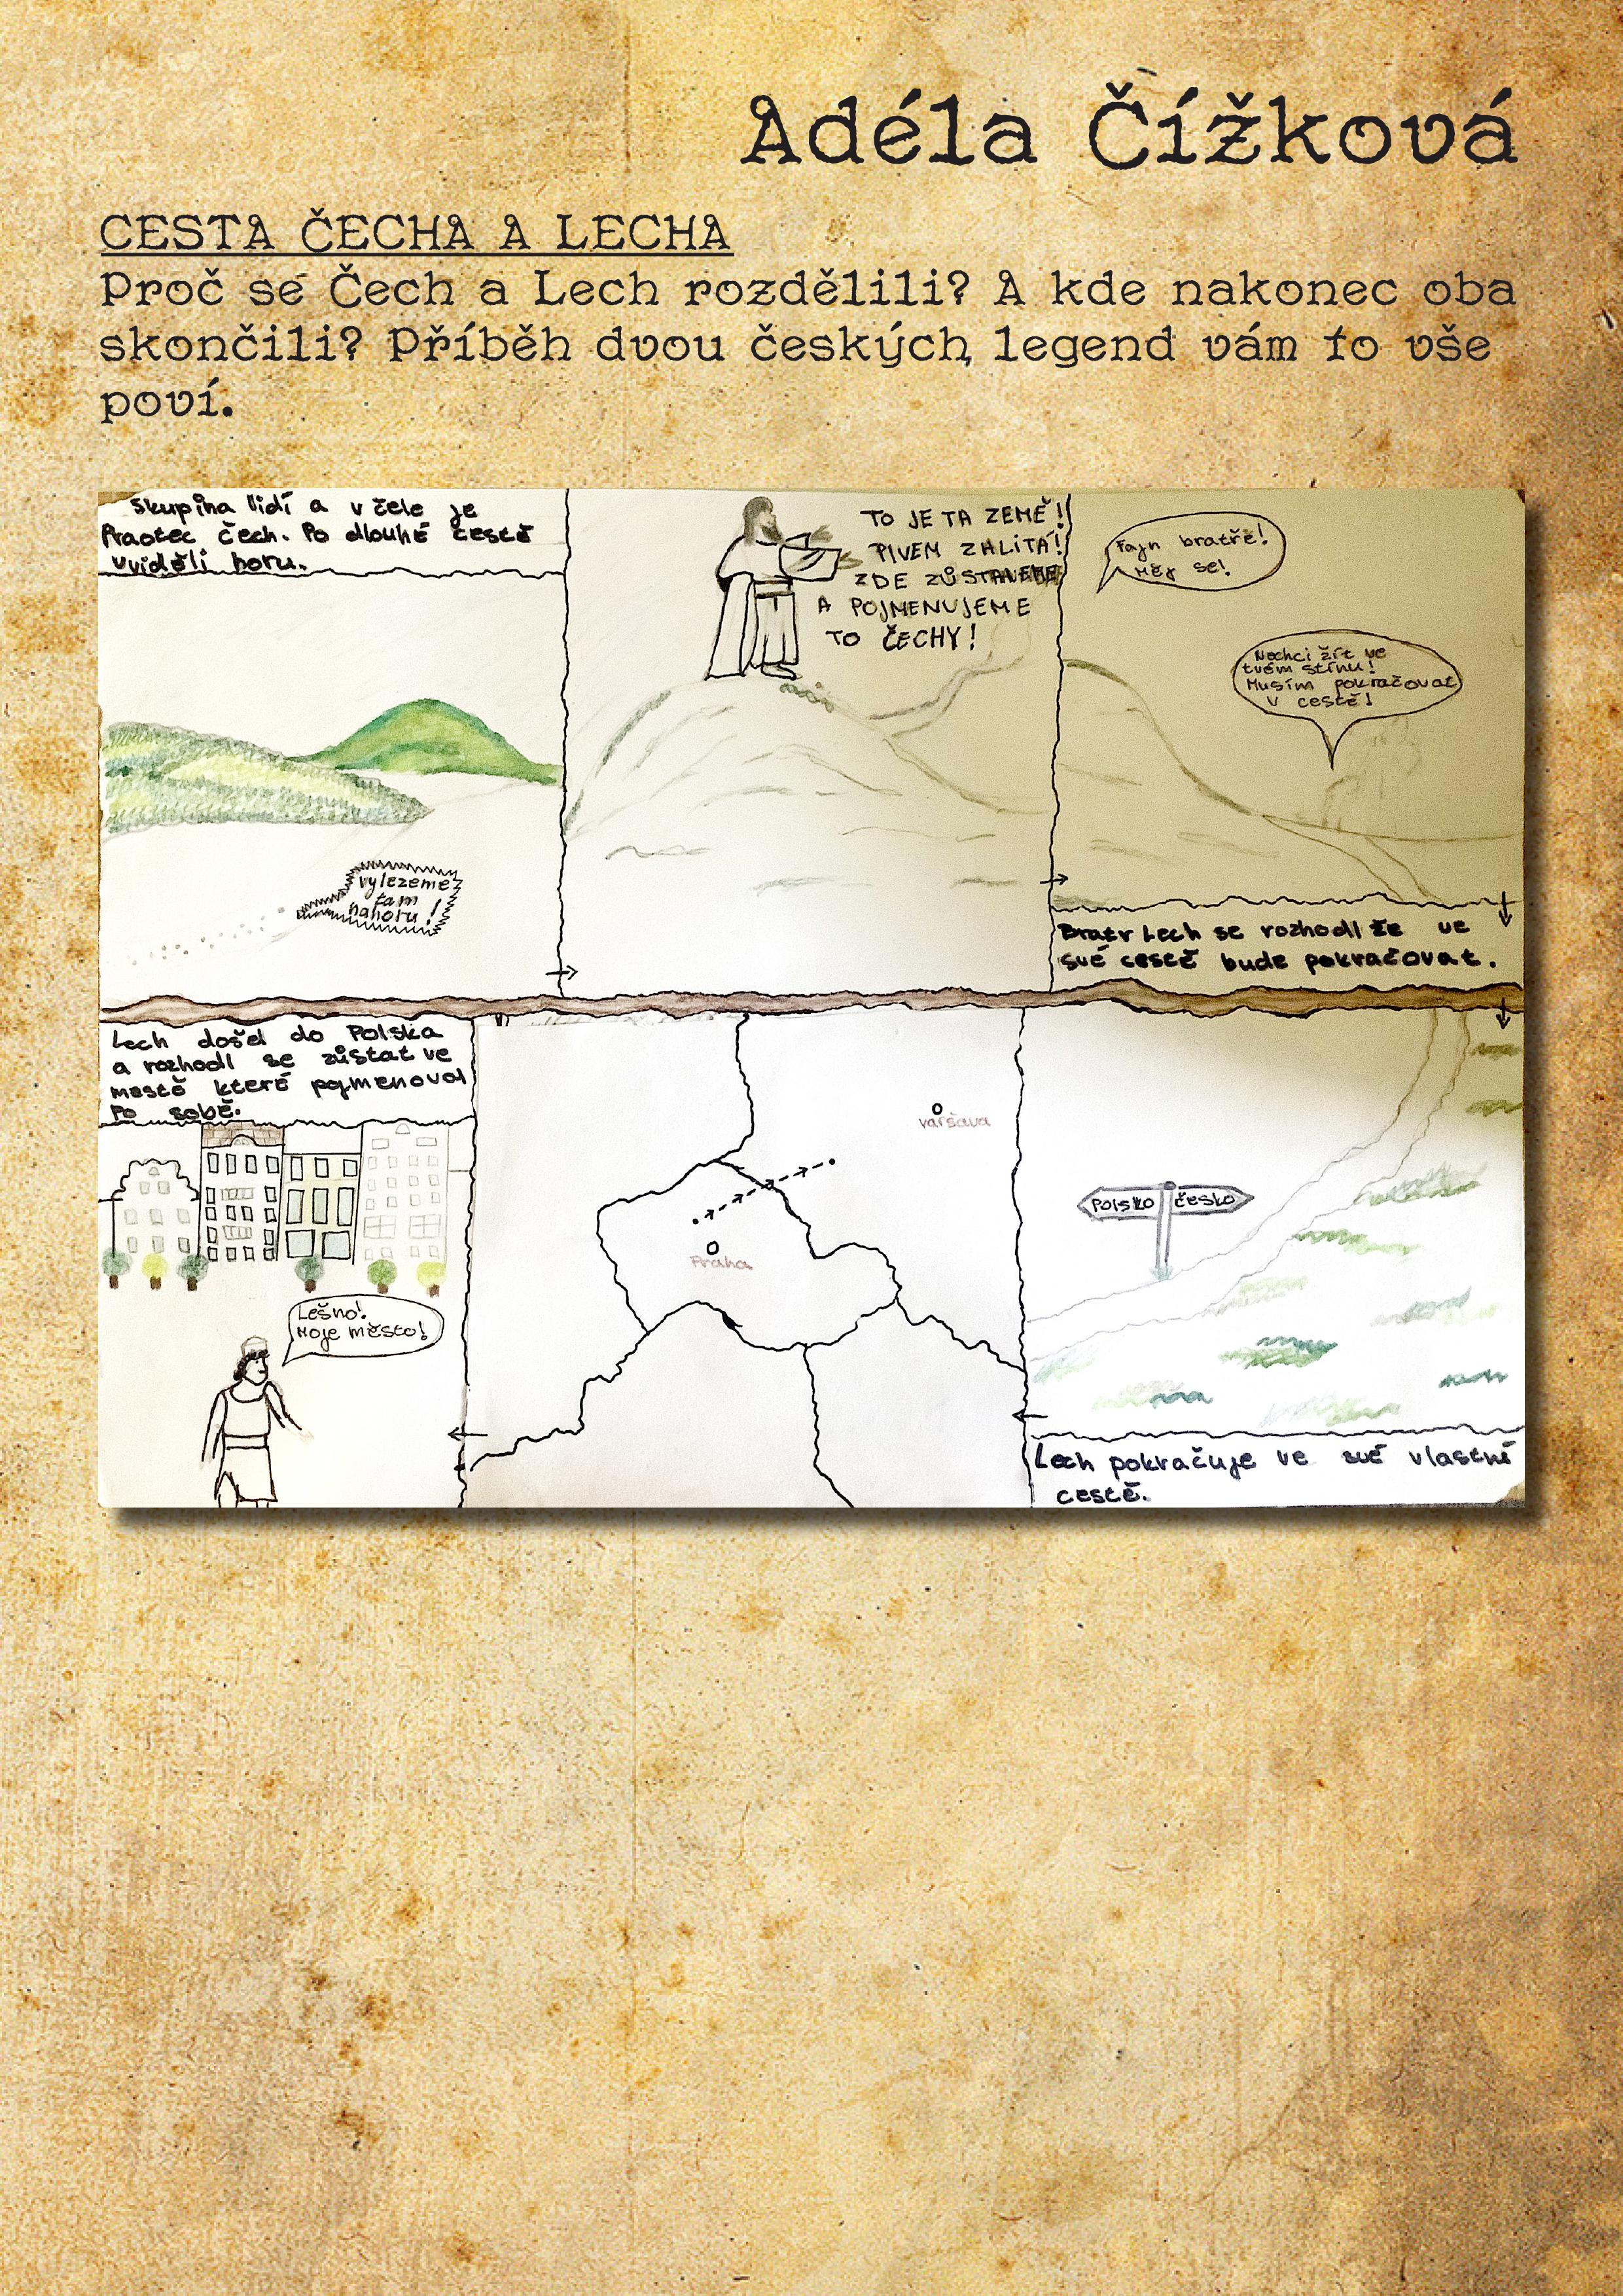 historický komiks úprava-5